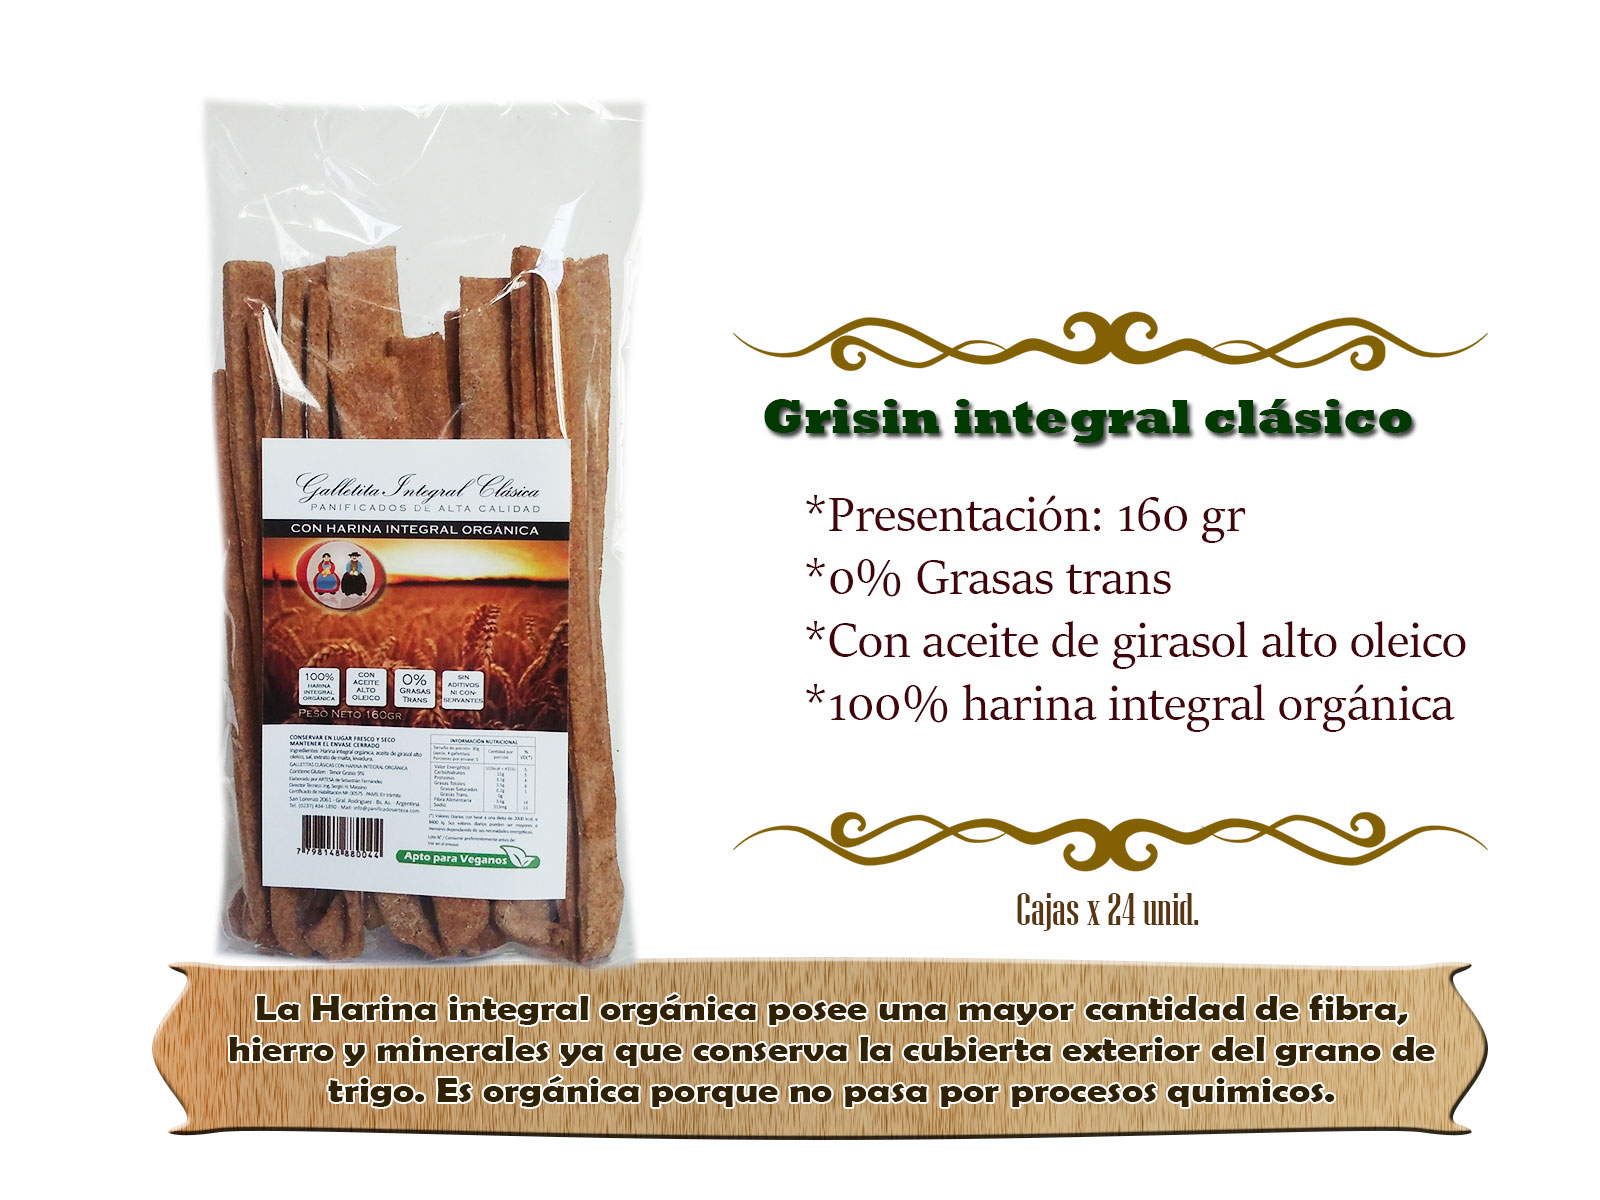 Grisin-integral-clasico